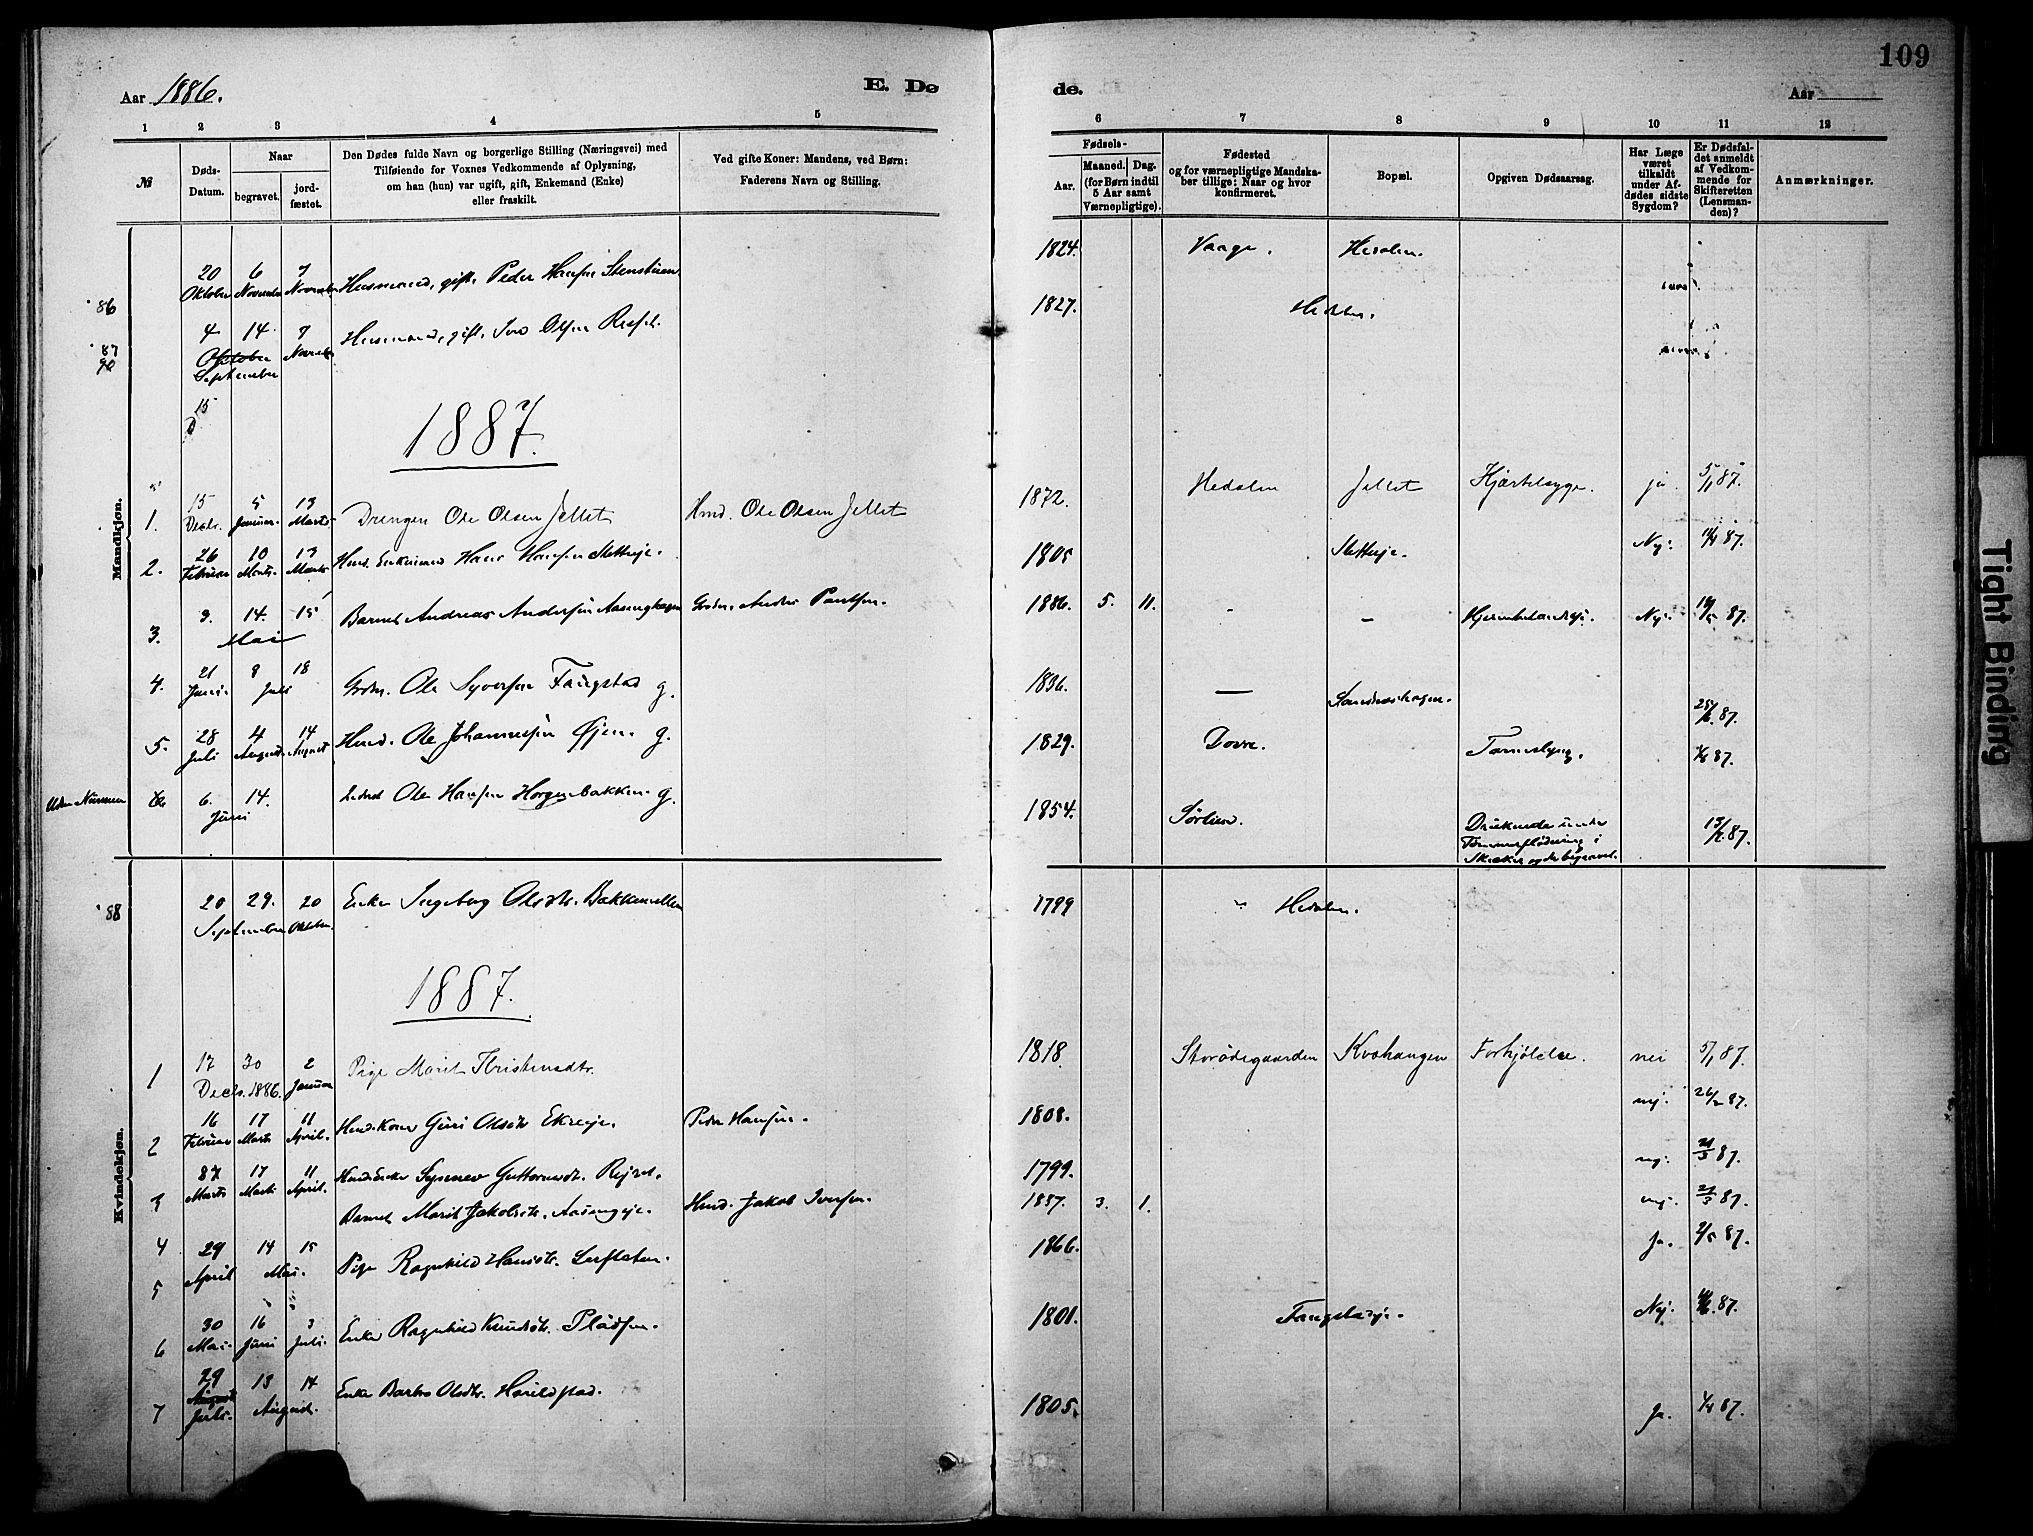 SAH, Vågå prestekontor, Parish register (official) no. 10, 1887-1904, p. 109